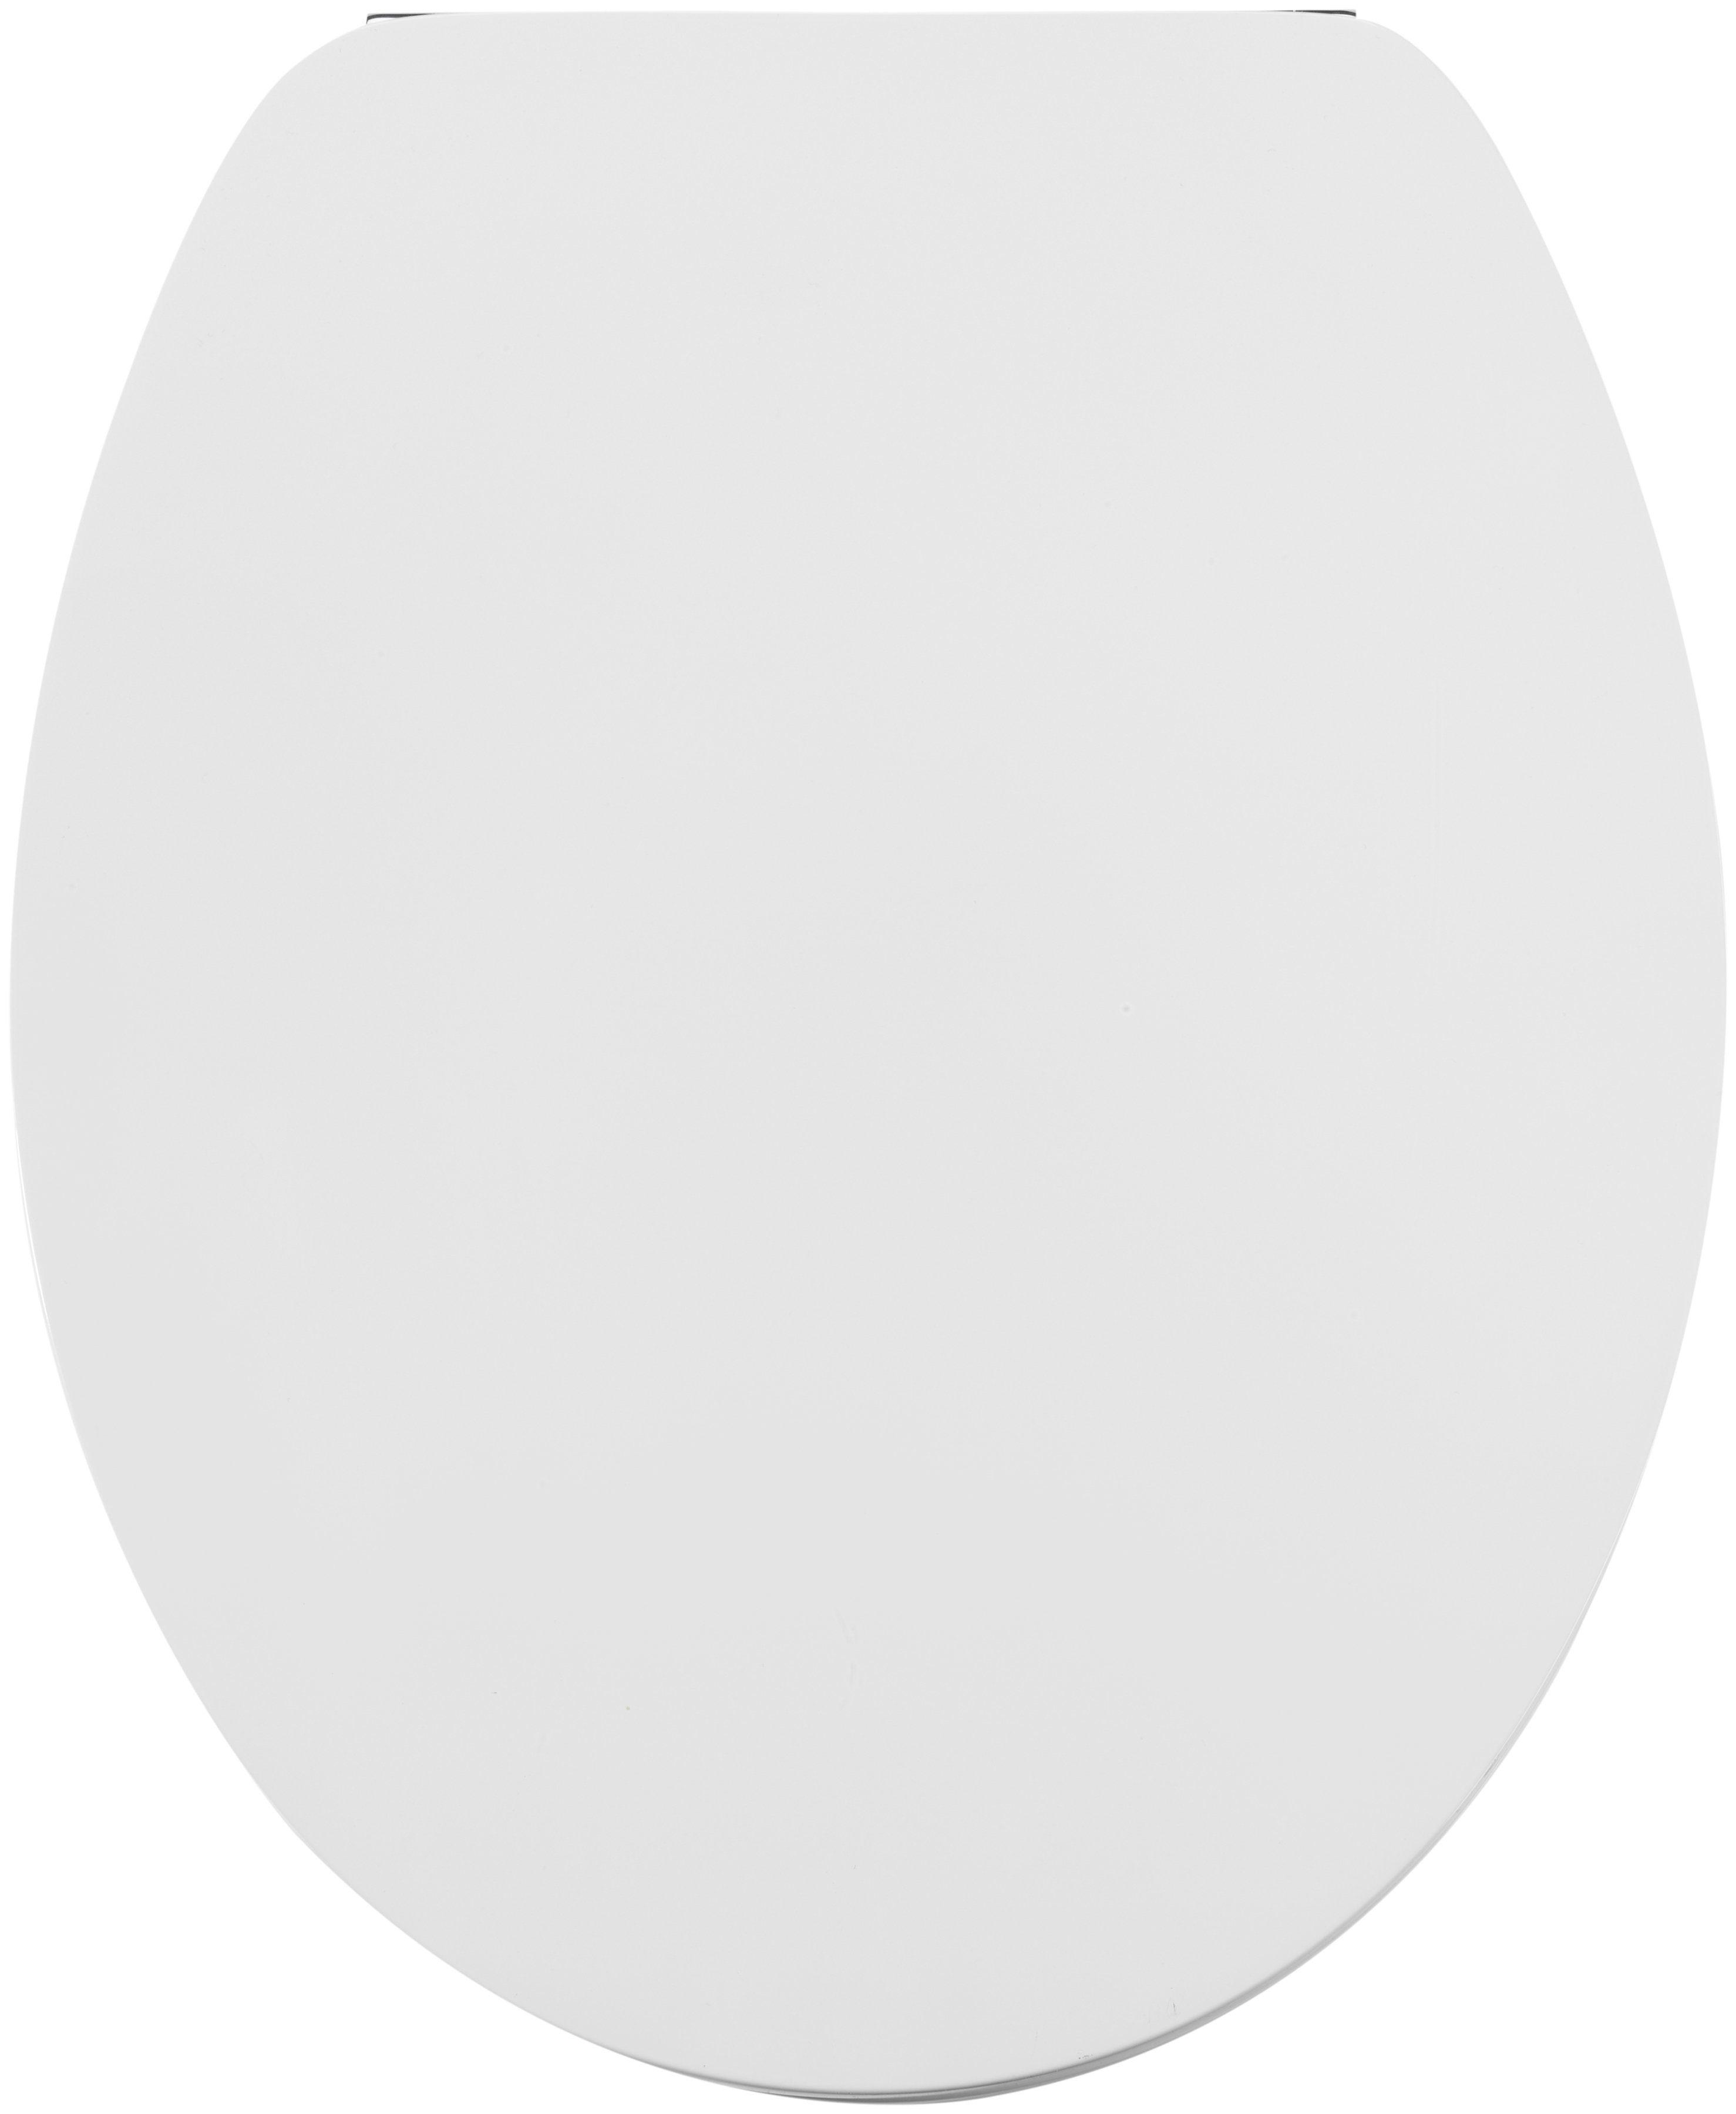 WC-Sitz »MDF weiß hochglanz lackiert«, Toilettensitz mit Absenkautomatik